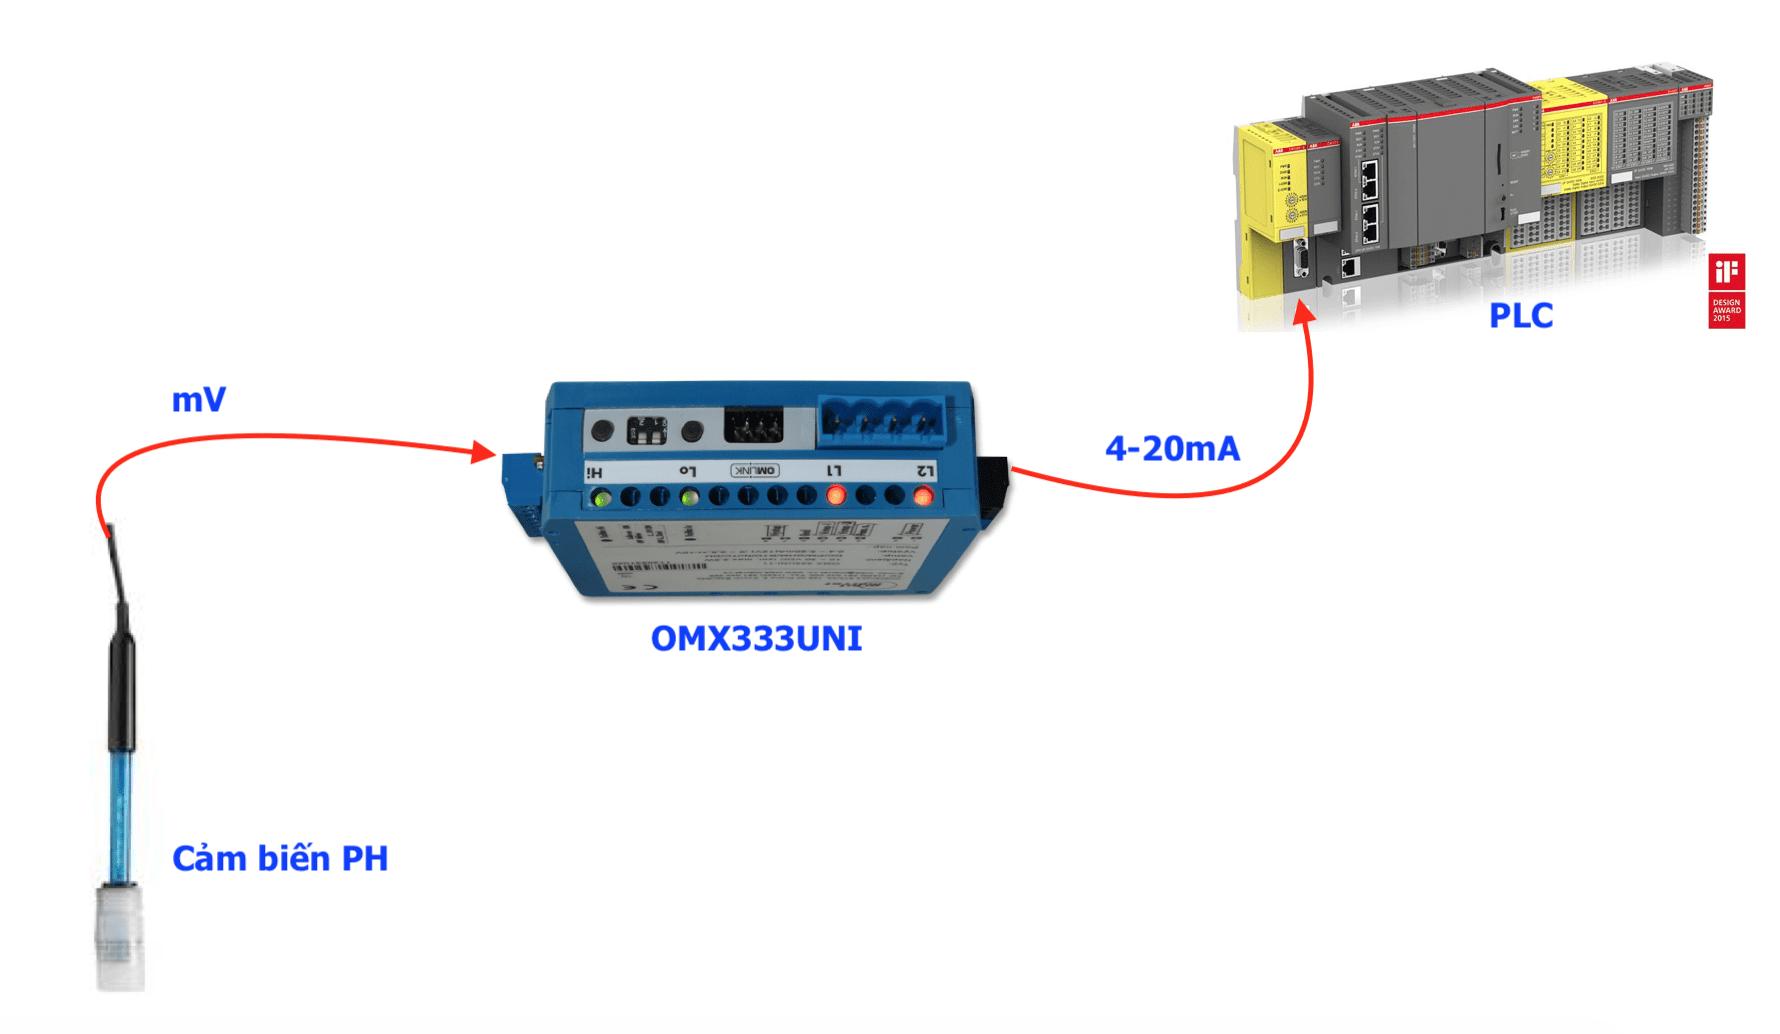 Bộ chuyển tín hiệu 75mV sang 4-20mA